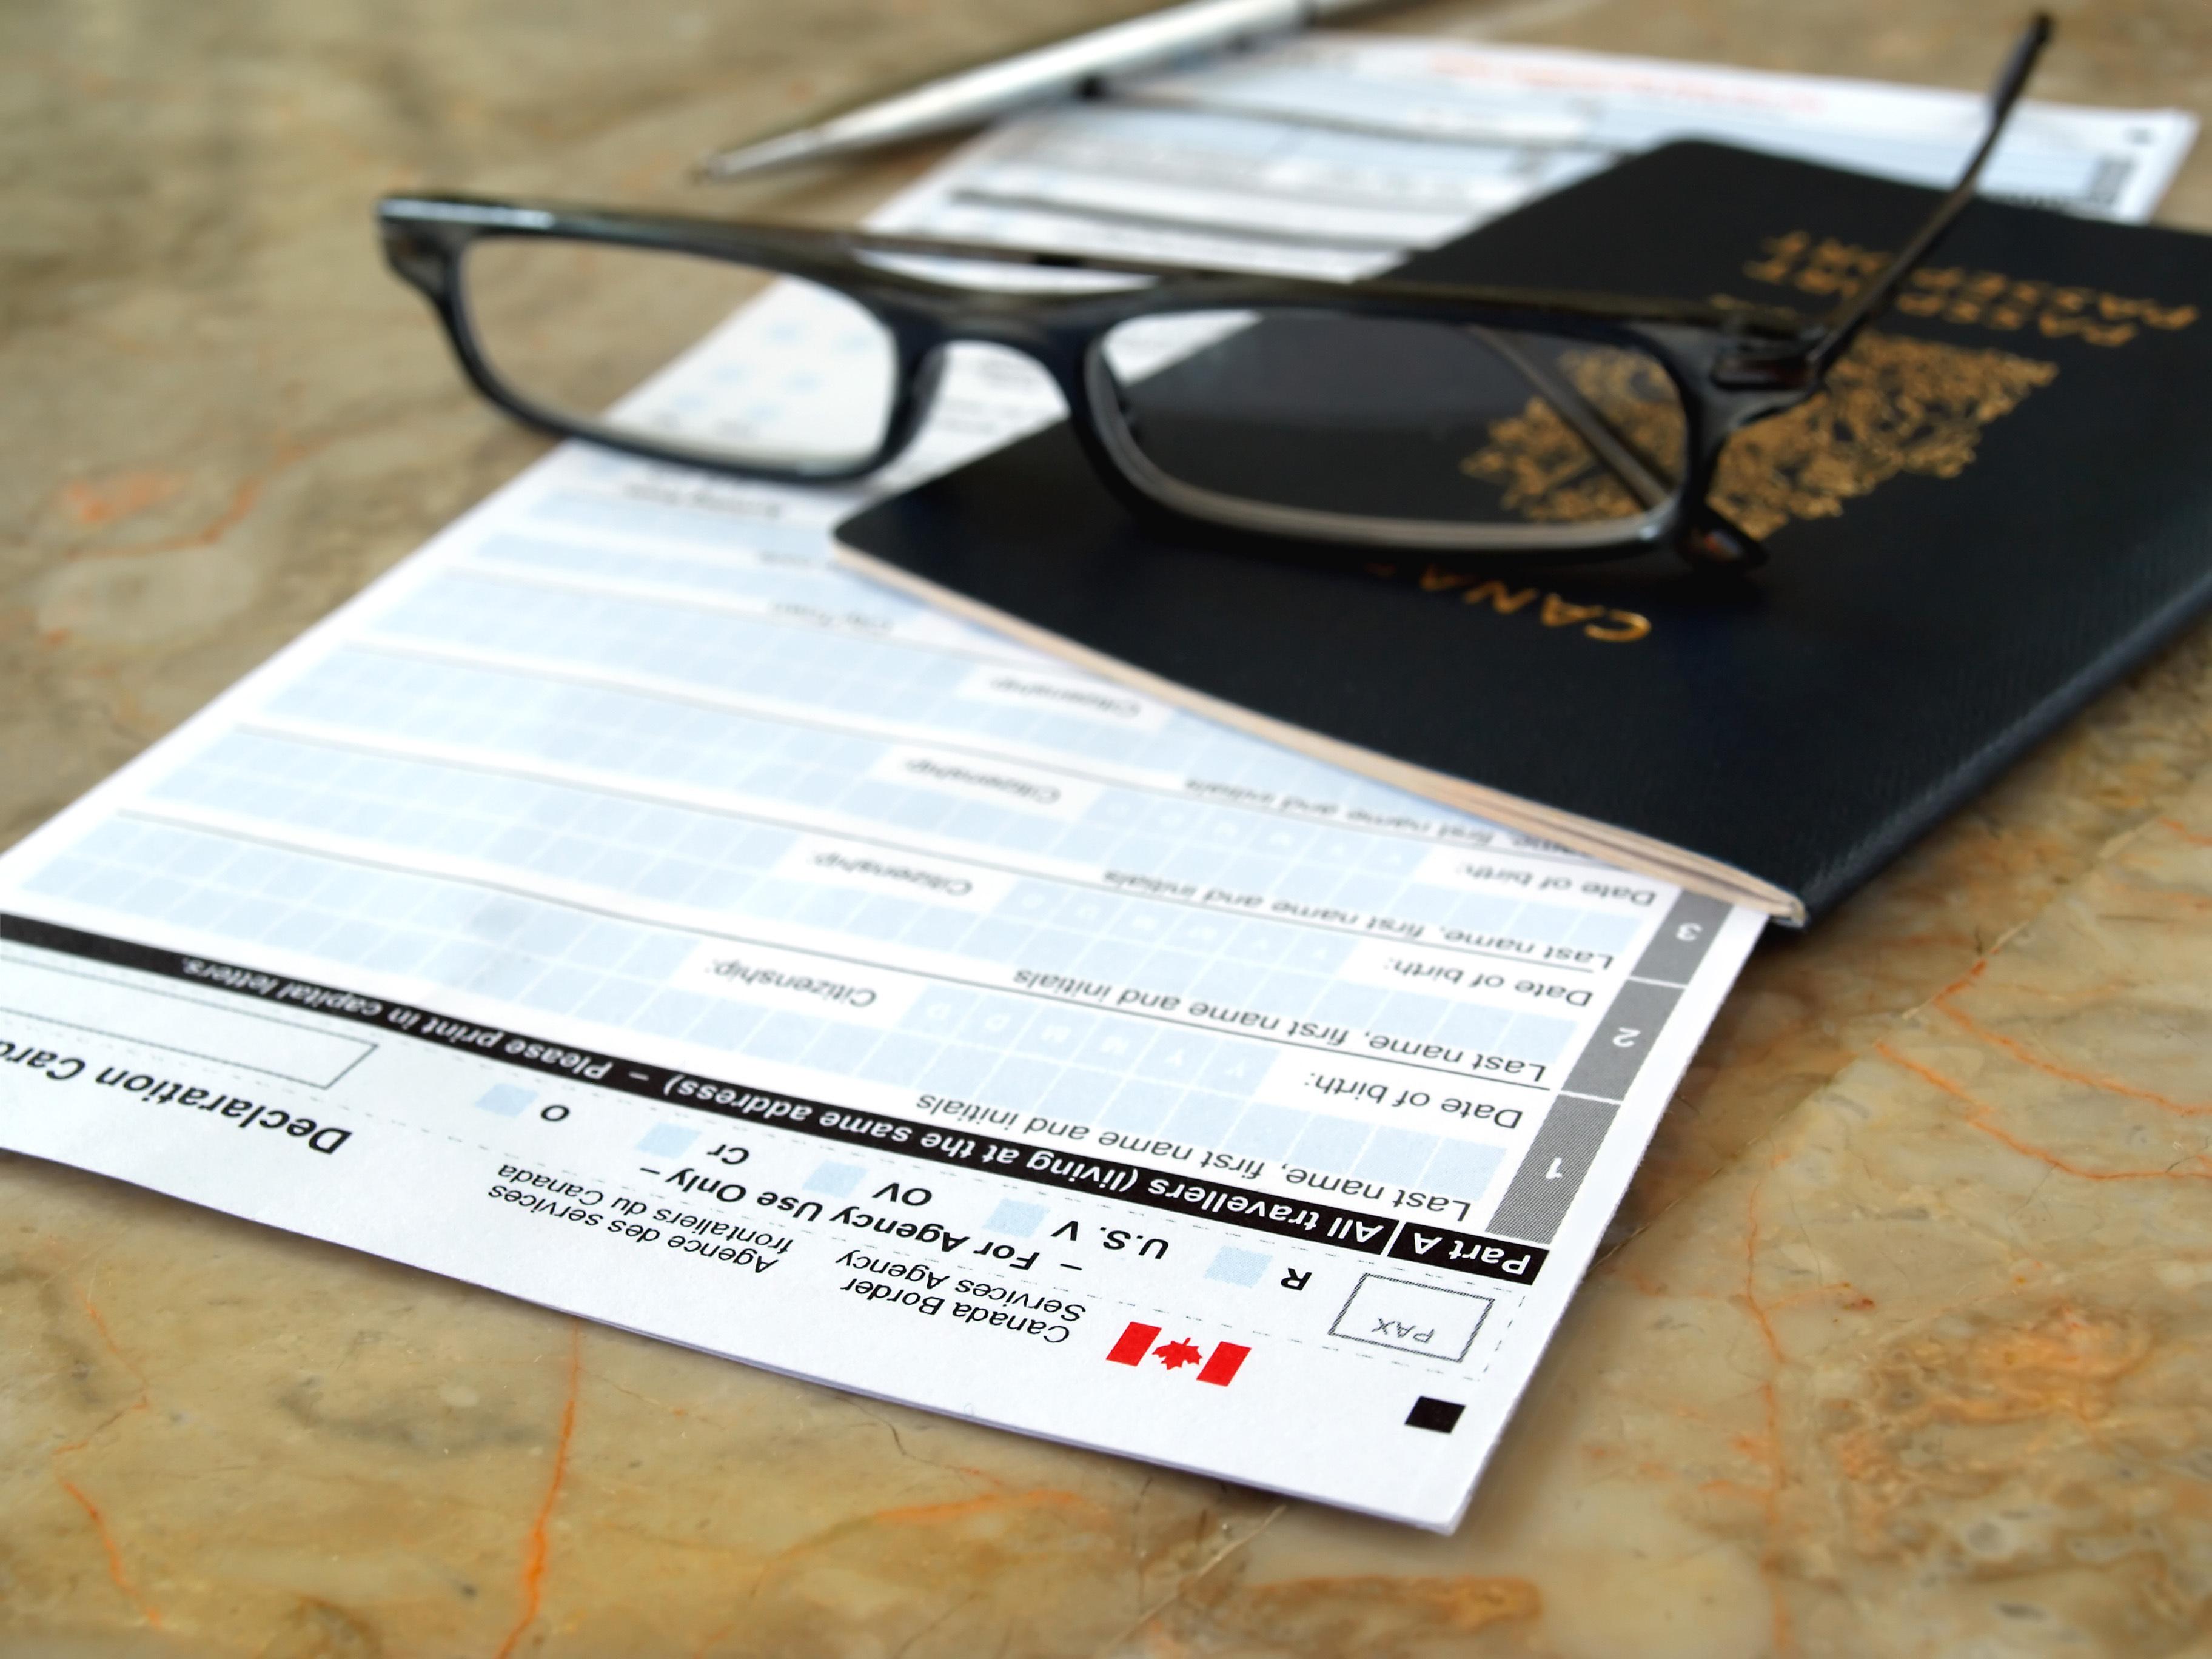 01  Programa que possibilita trazer pais ou avós para o Canadá, será reaberto em 2016 01